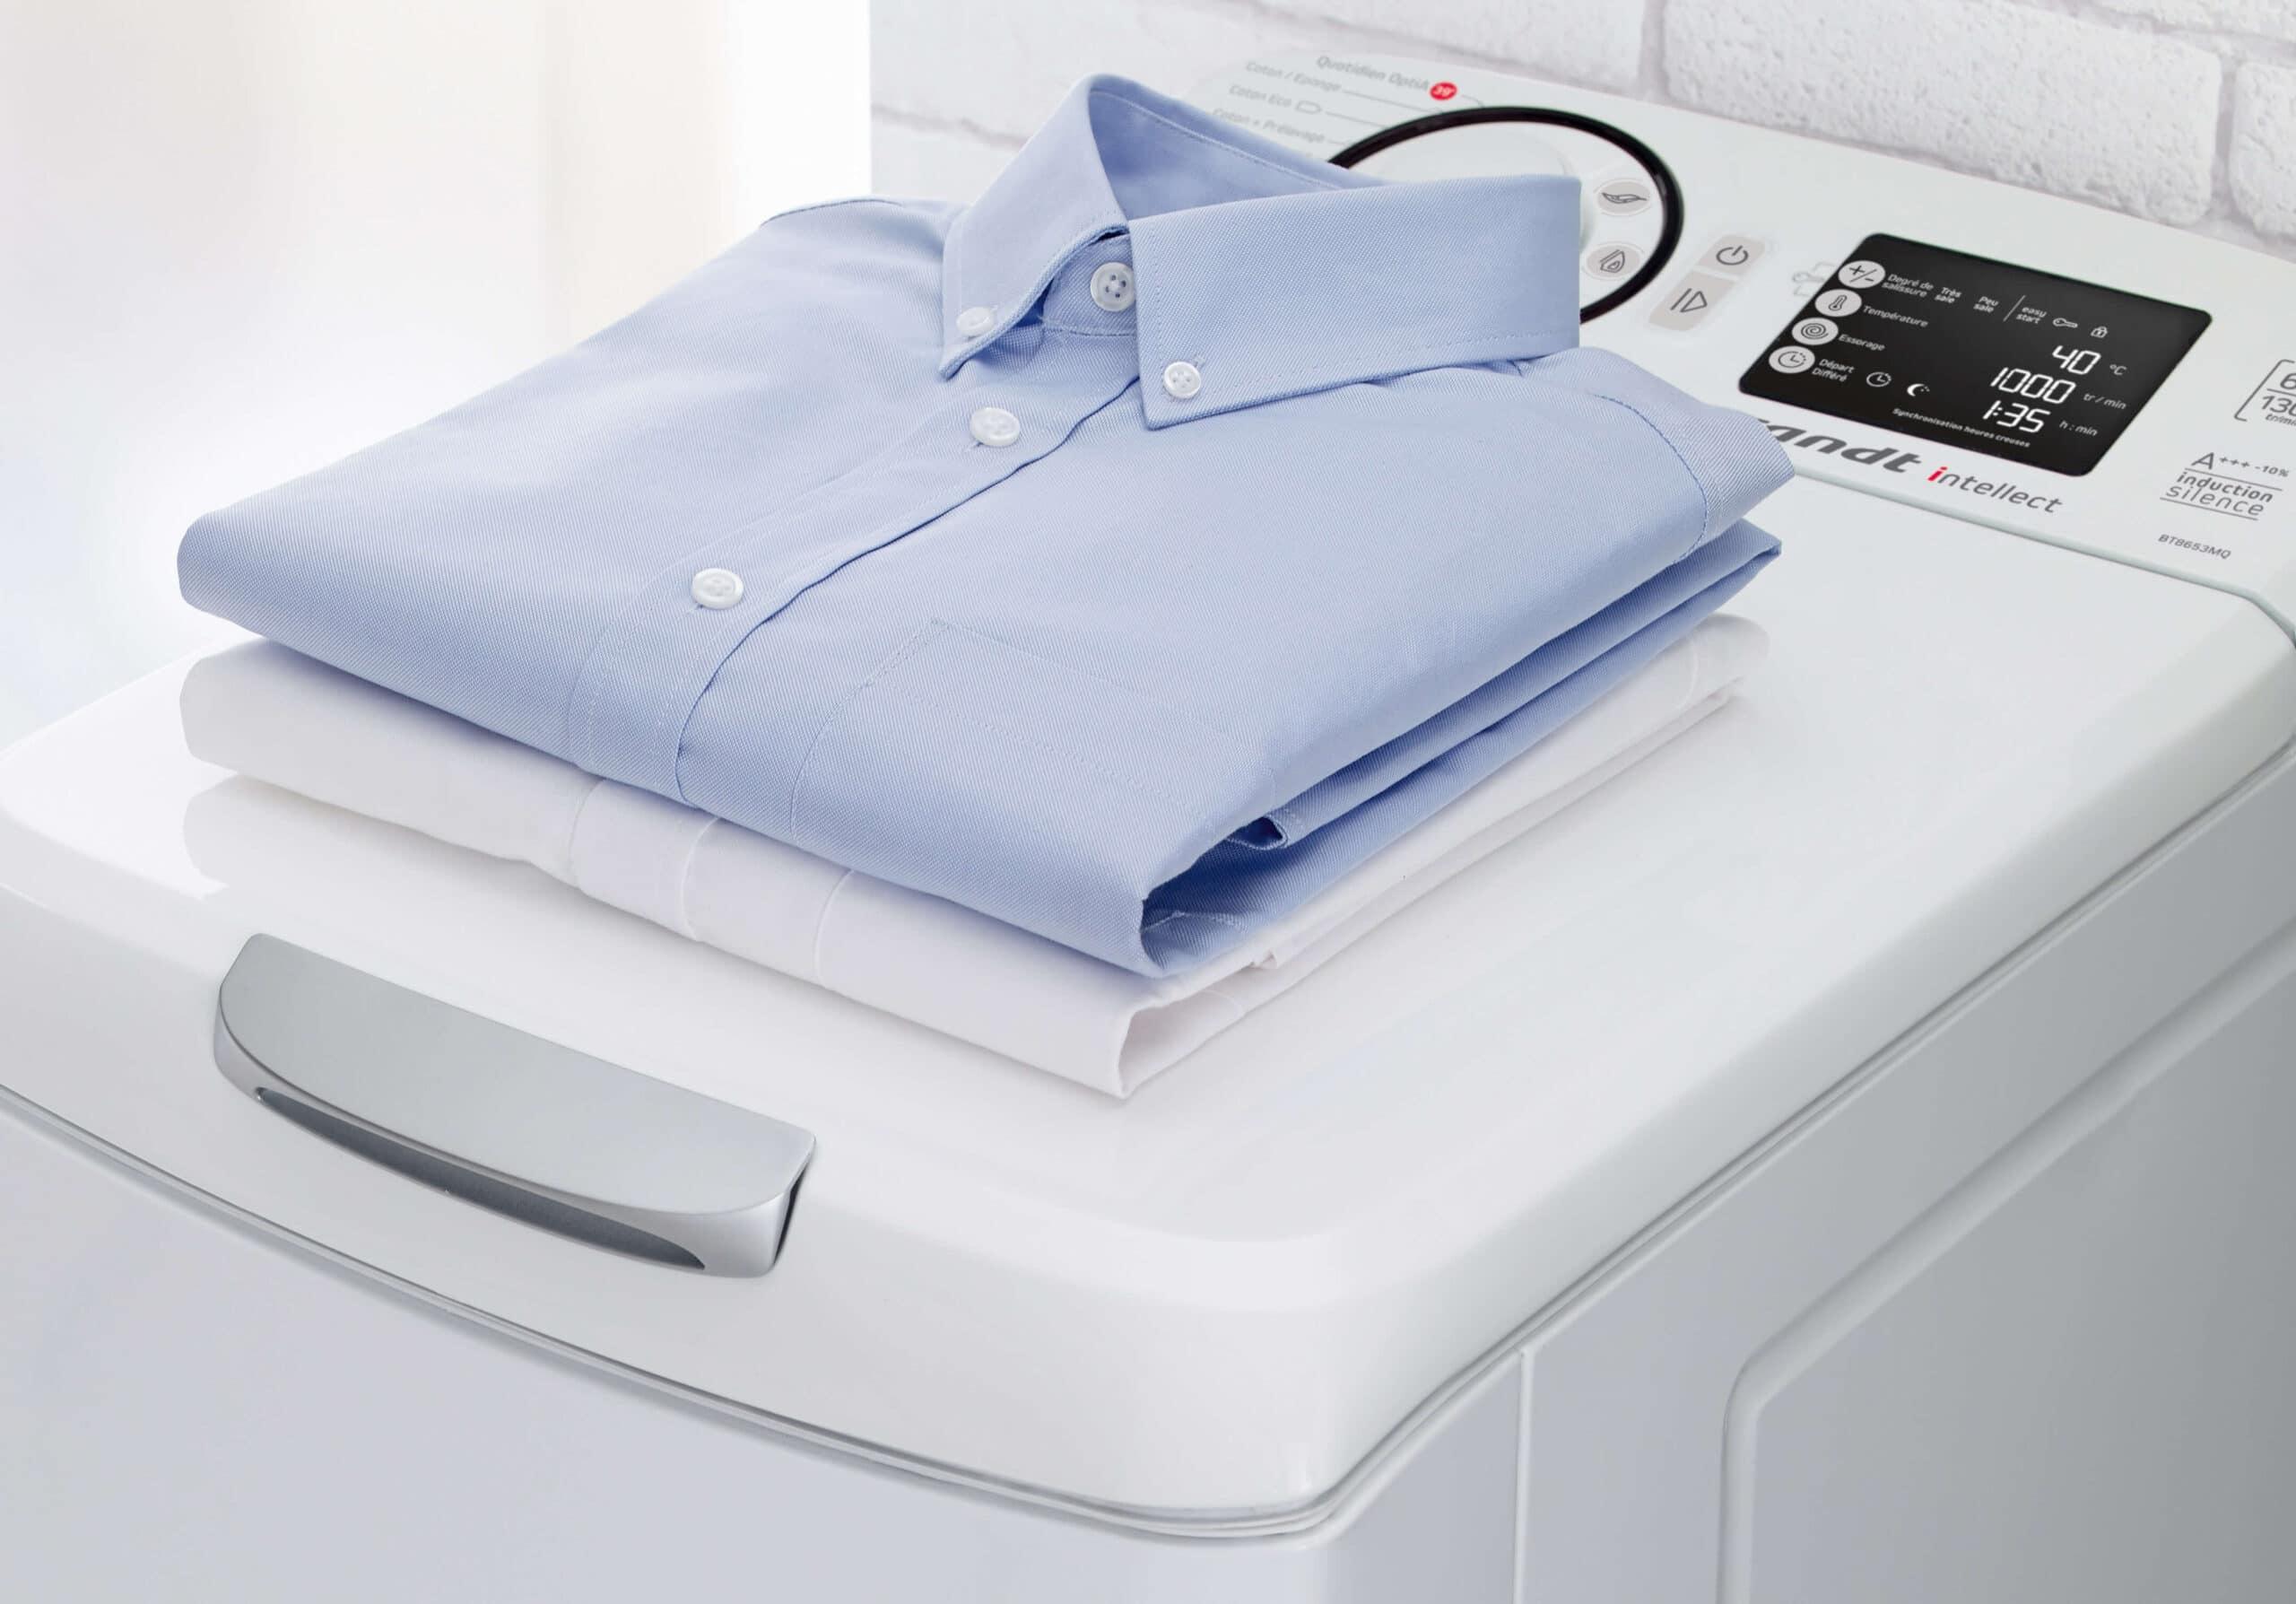 Nettoyer une machine à laver : les bons gestes à adopter pour un entretien optimal